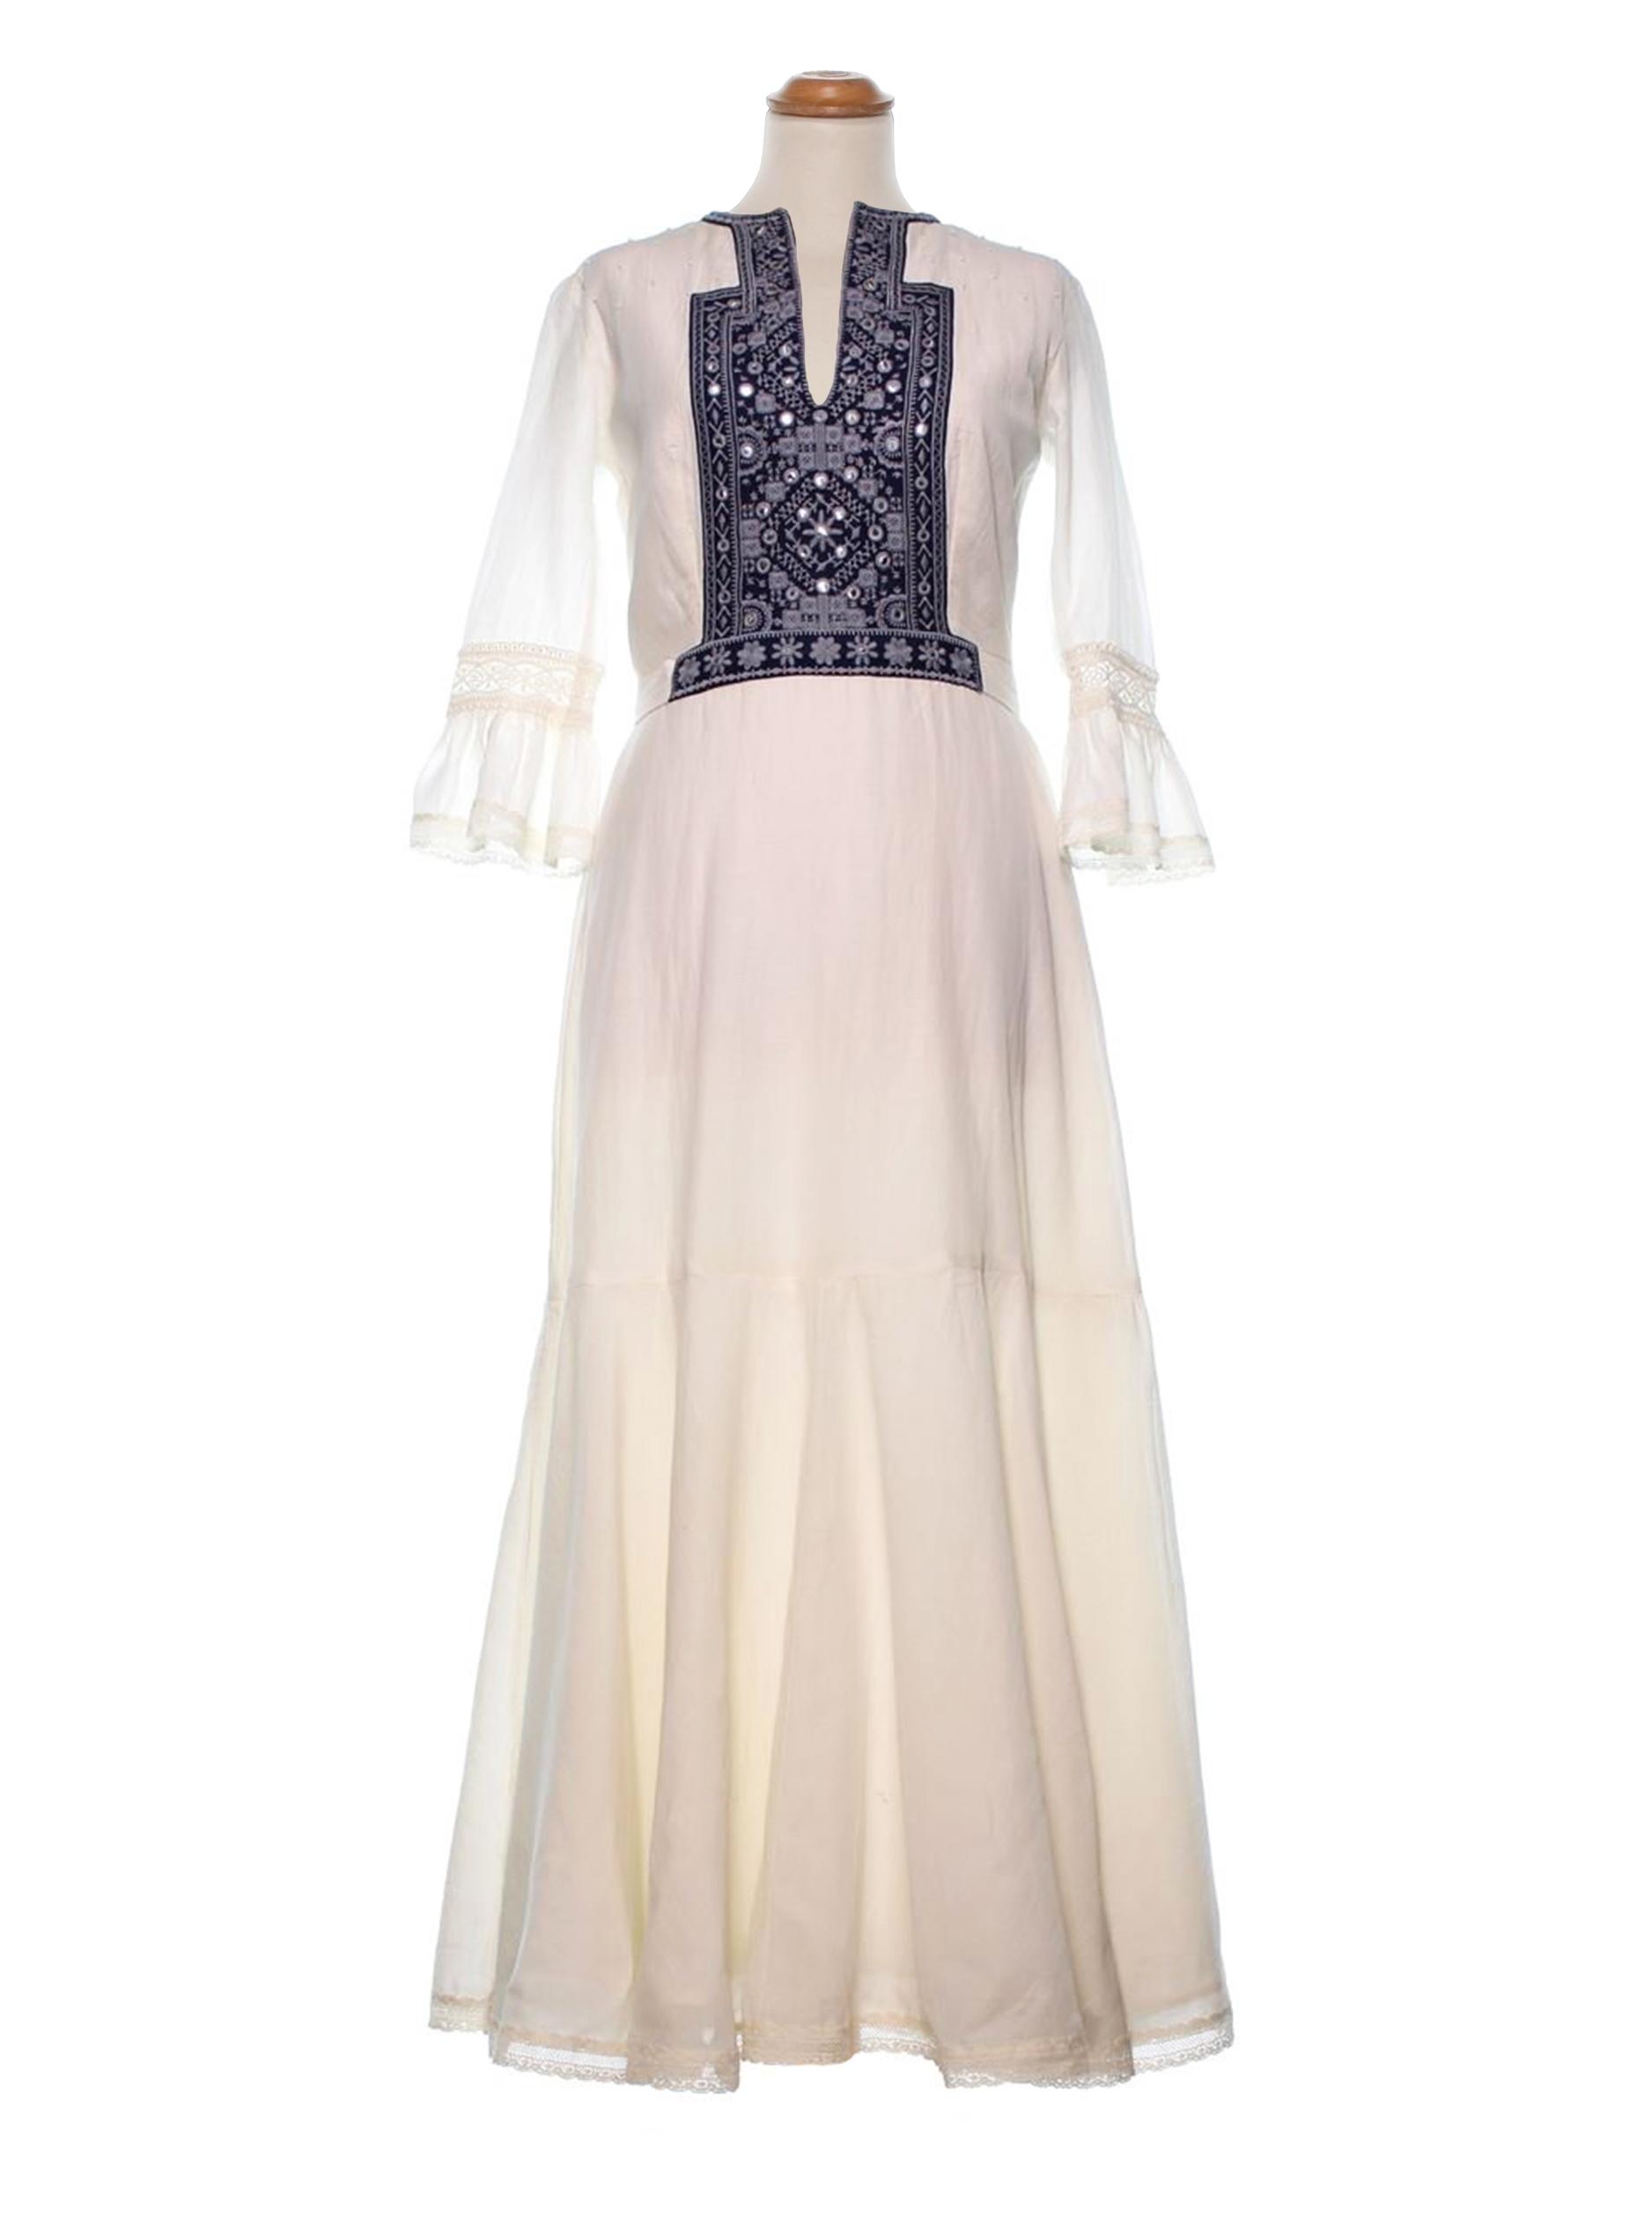 Millie Mackintosh x CoppaFeel! dress.jpg